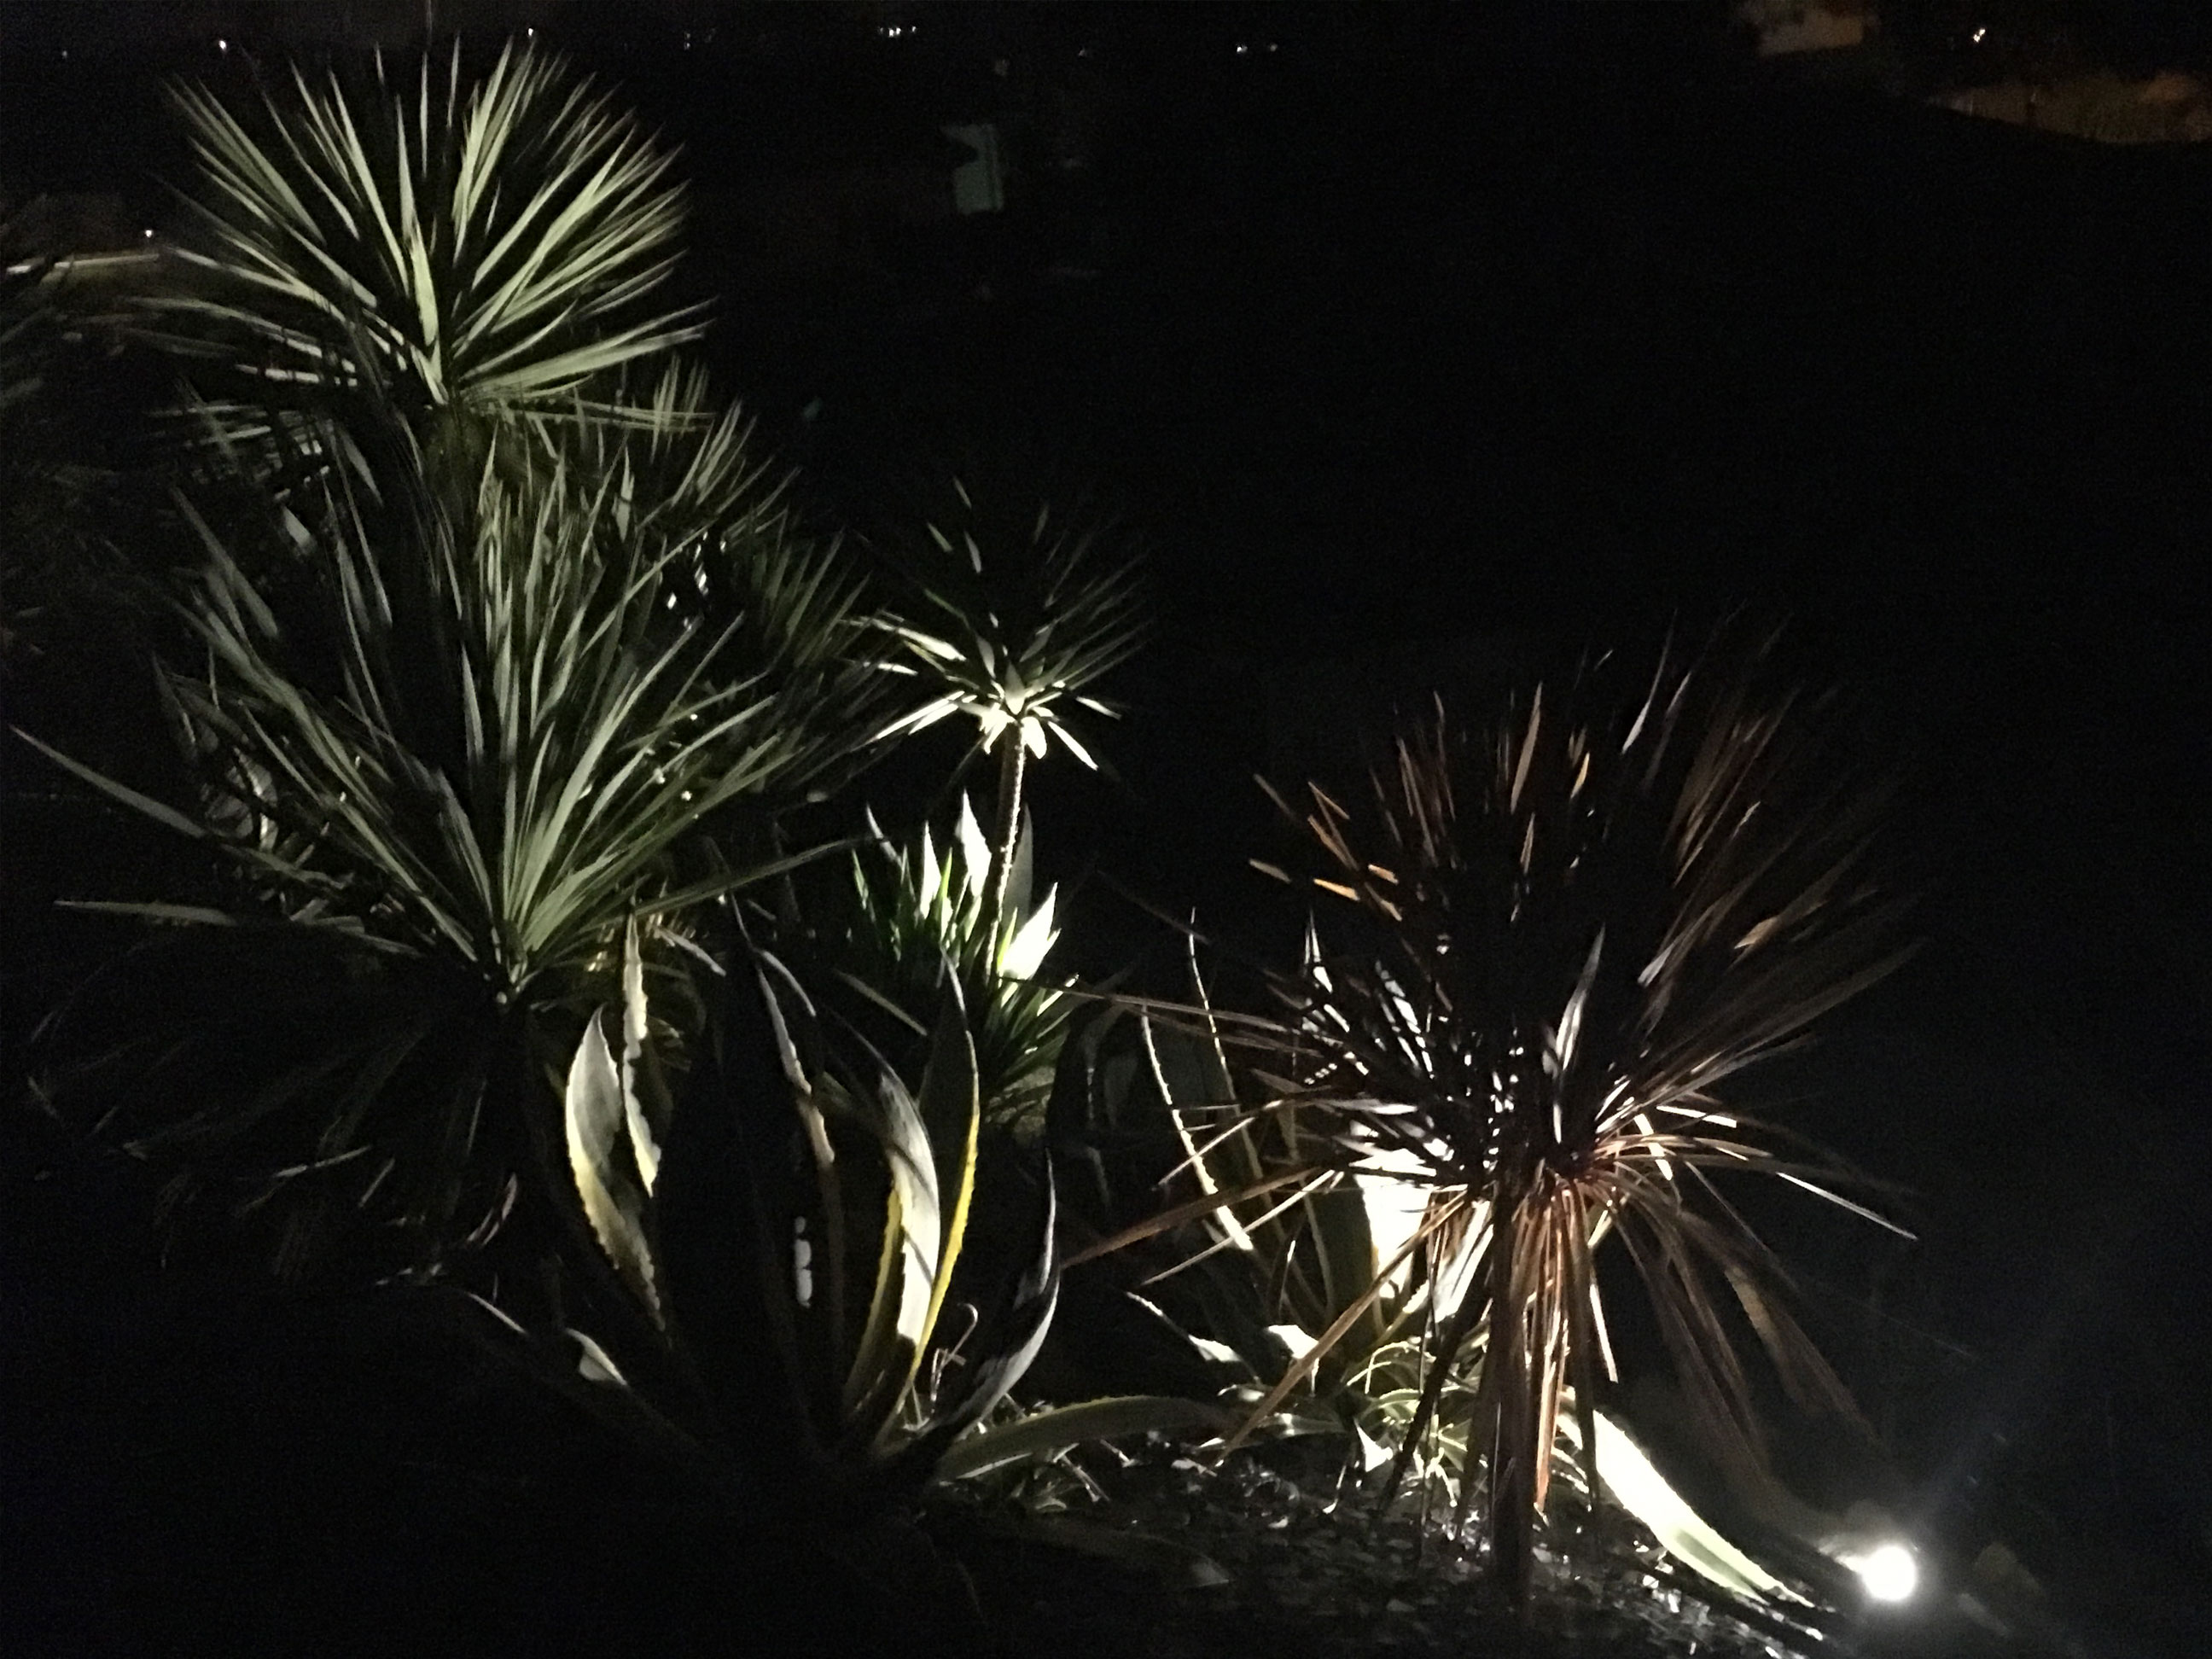 Floriparc, éclairage nocturne